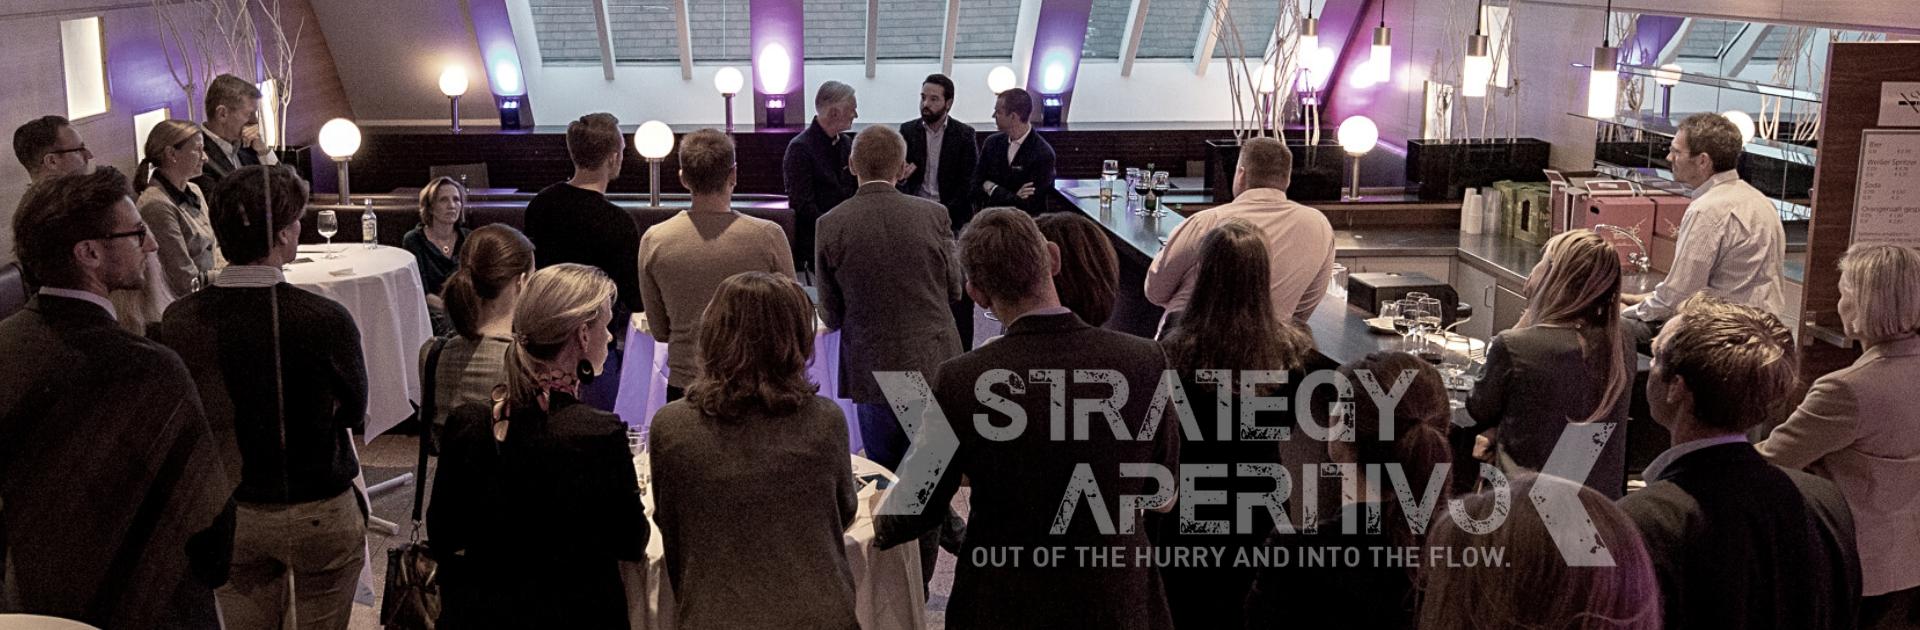 Strategy Aperitivo